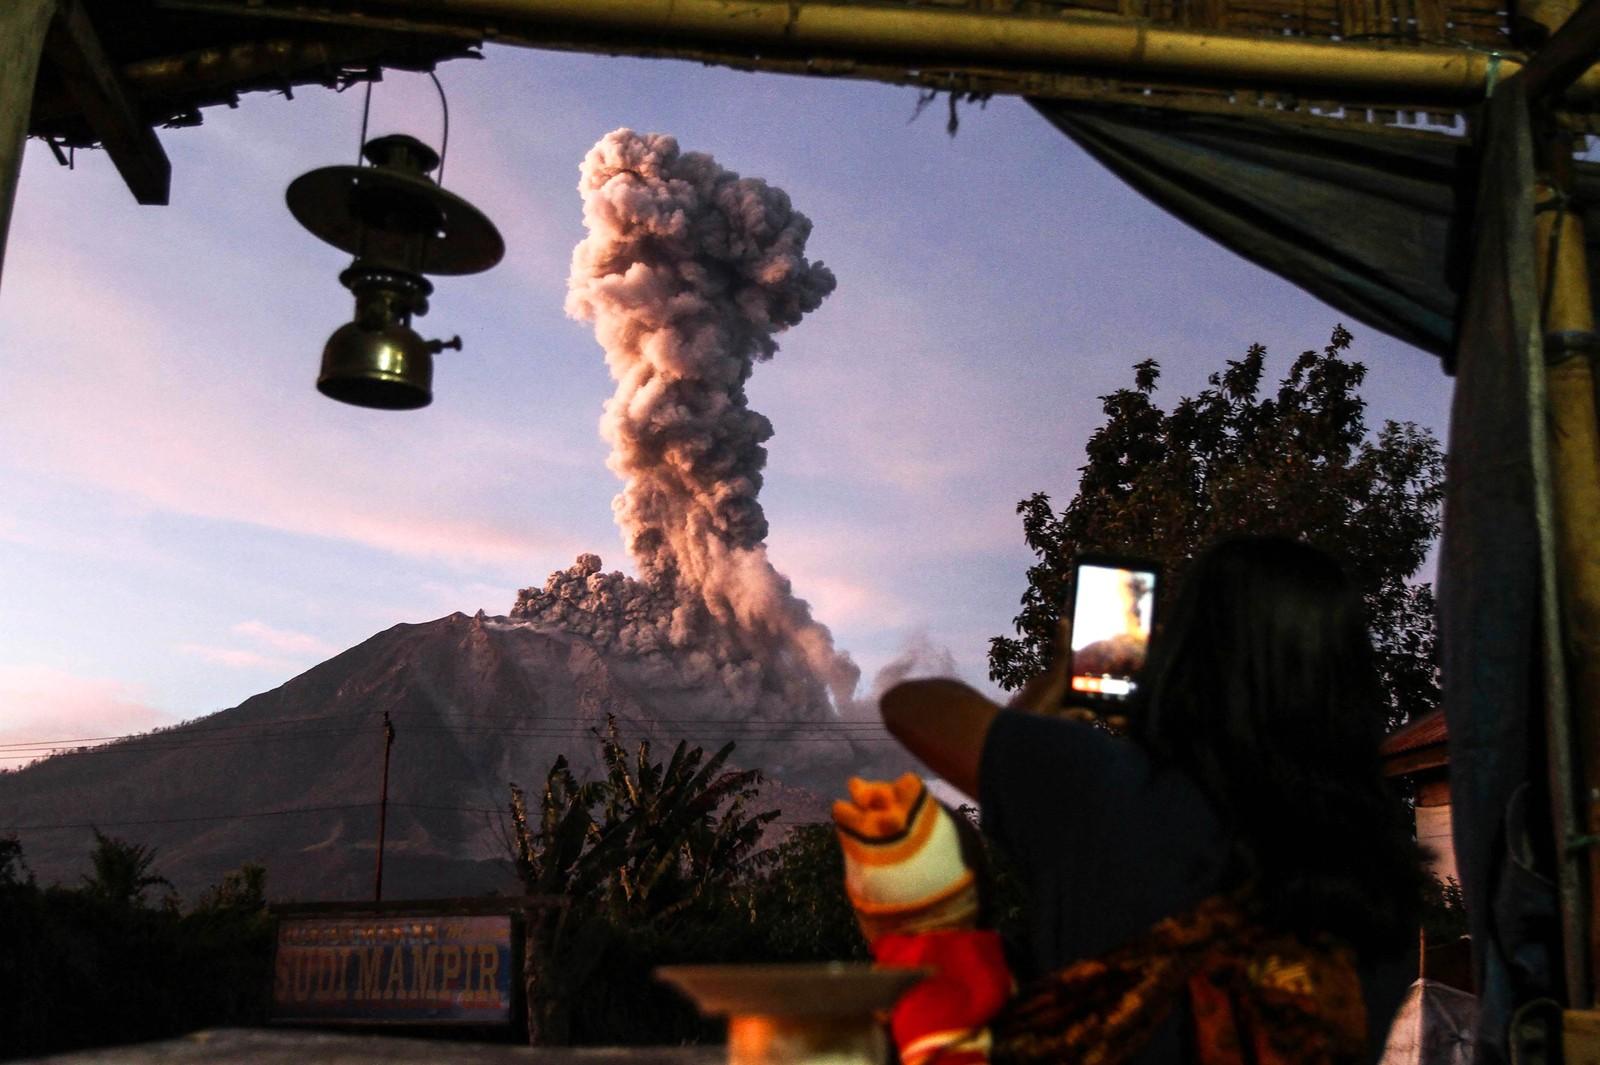 Vulkanen Sinabung i Indonesia er svært aktiv. En landsbyboer fra Tiga Pancur sikrer seg et bilde.